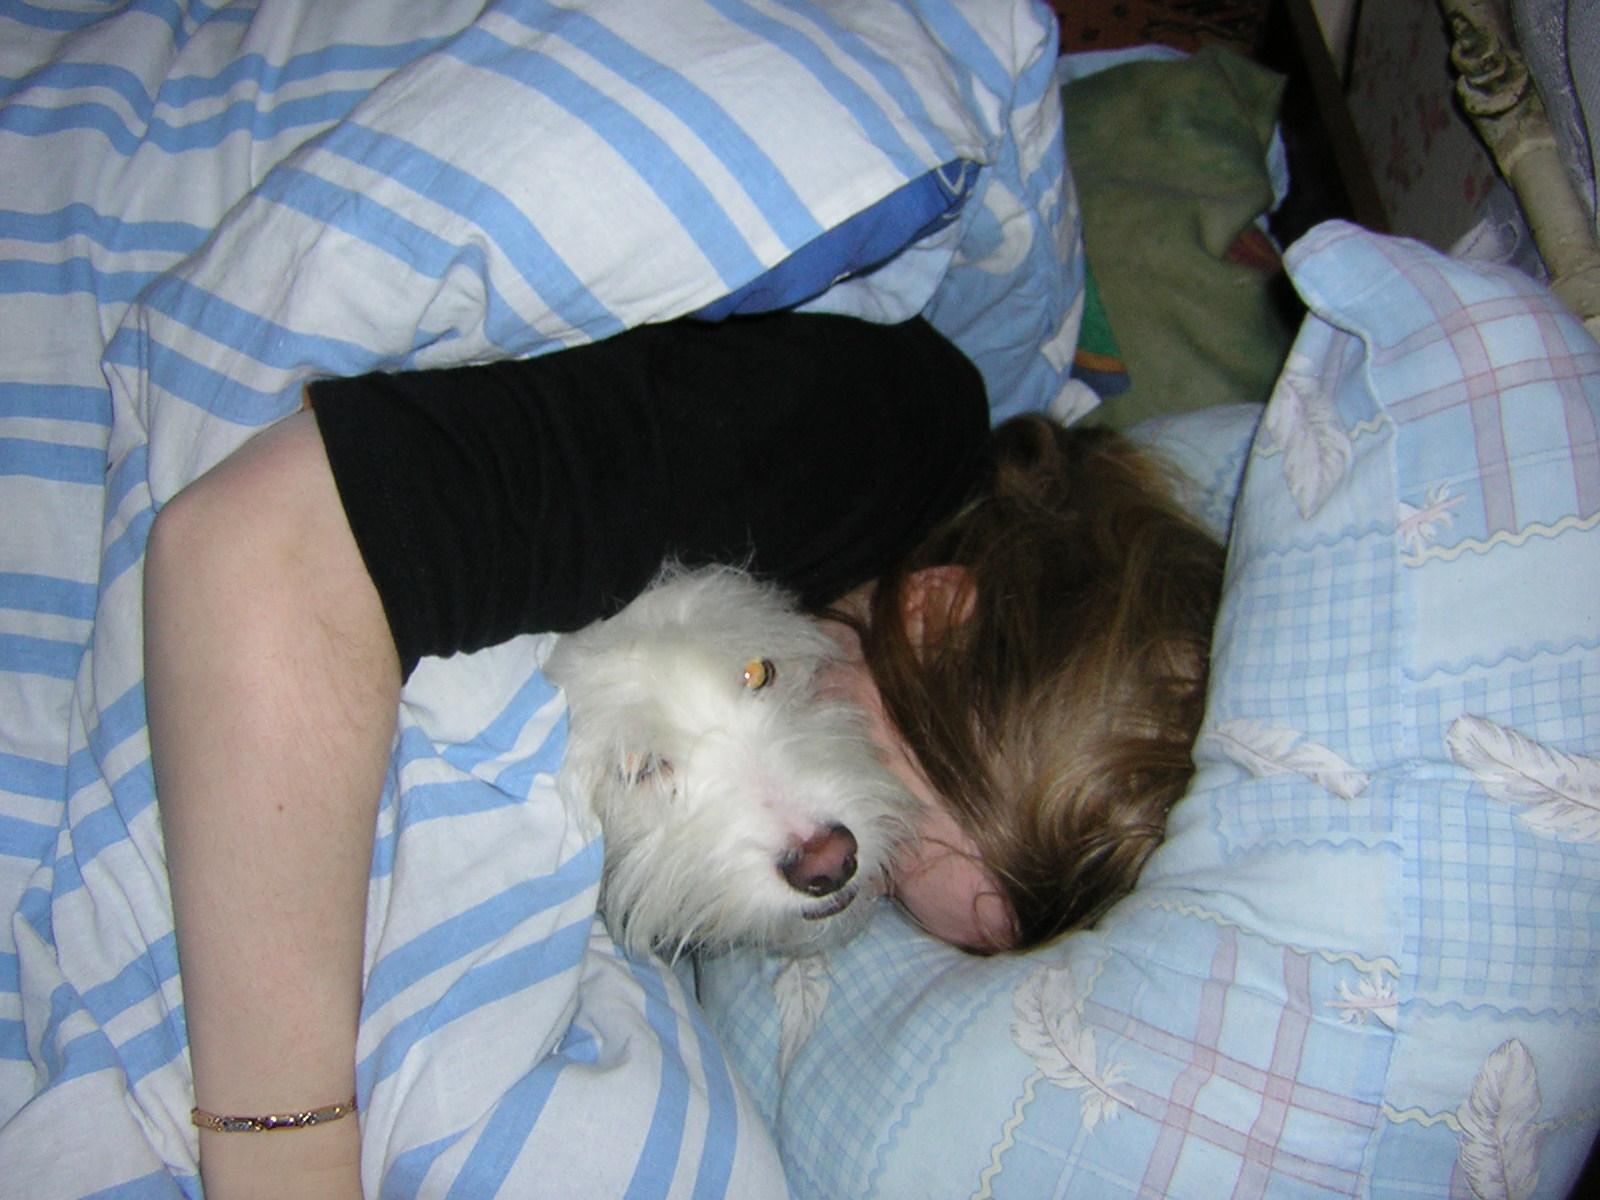 спи, хозяйка! я постерегу!. Дай лапу,  друг